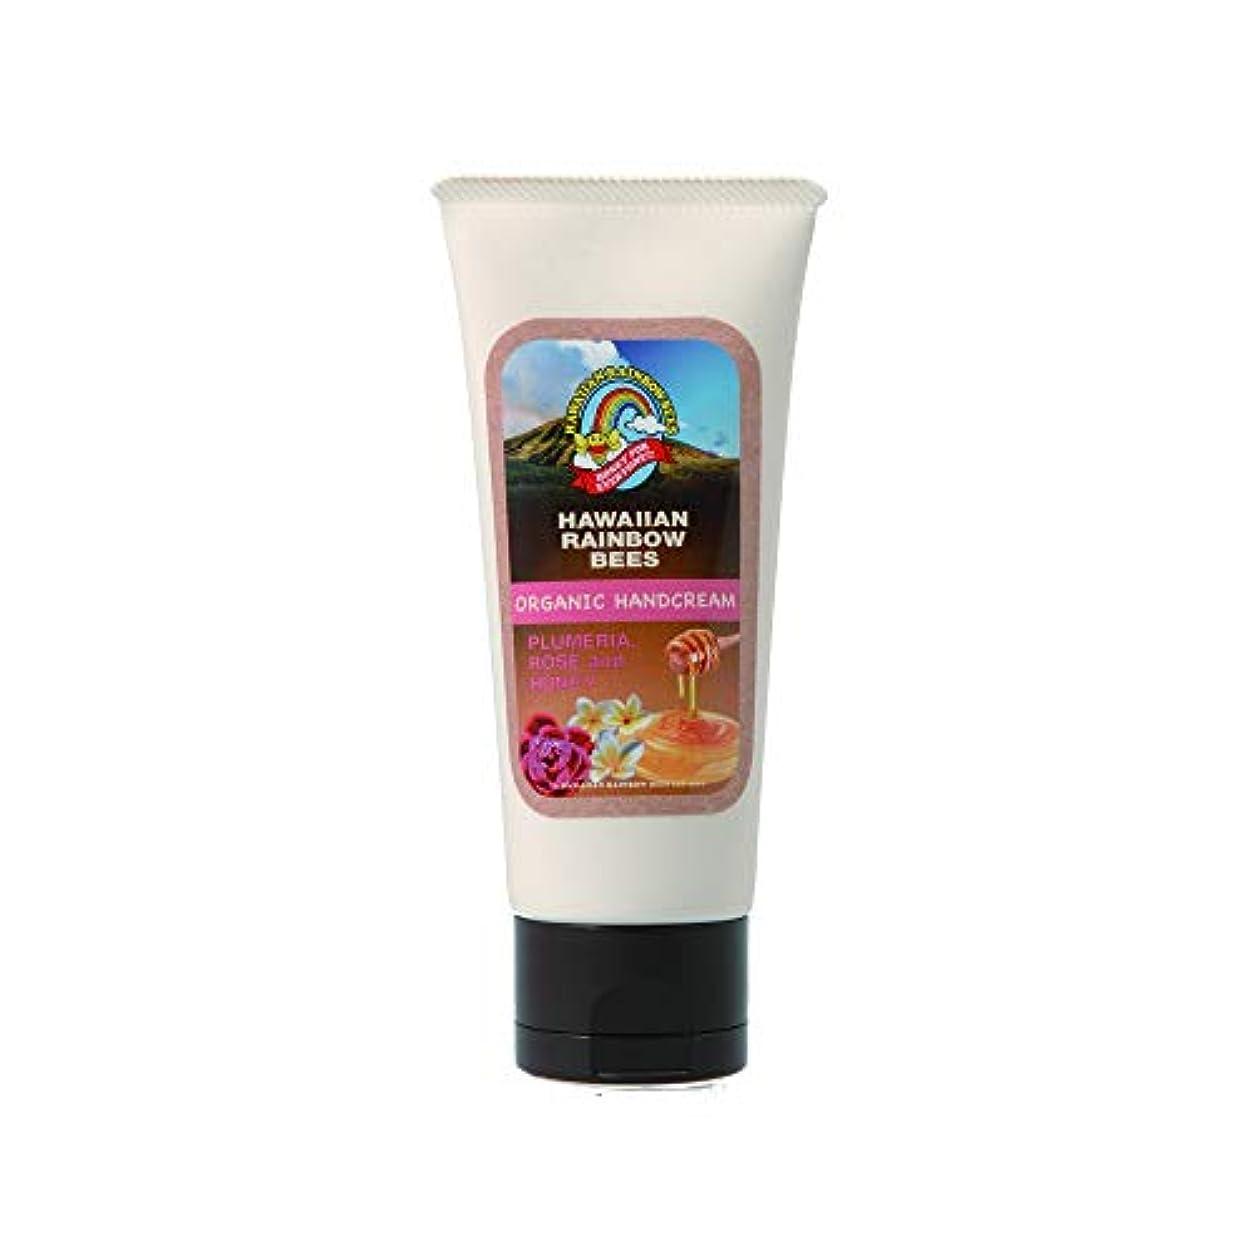 南アメリカ保証不一致ハワイアンレインボービーズ オーガニックハンドクリーム PR 60g 72123040